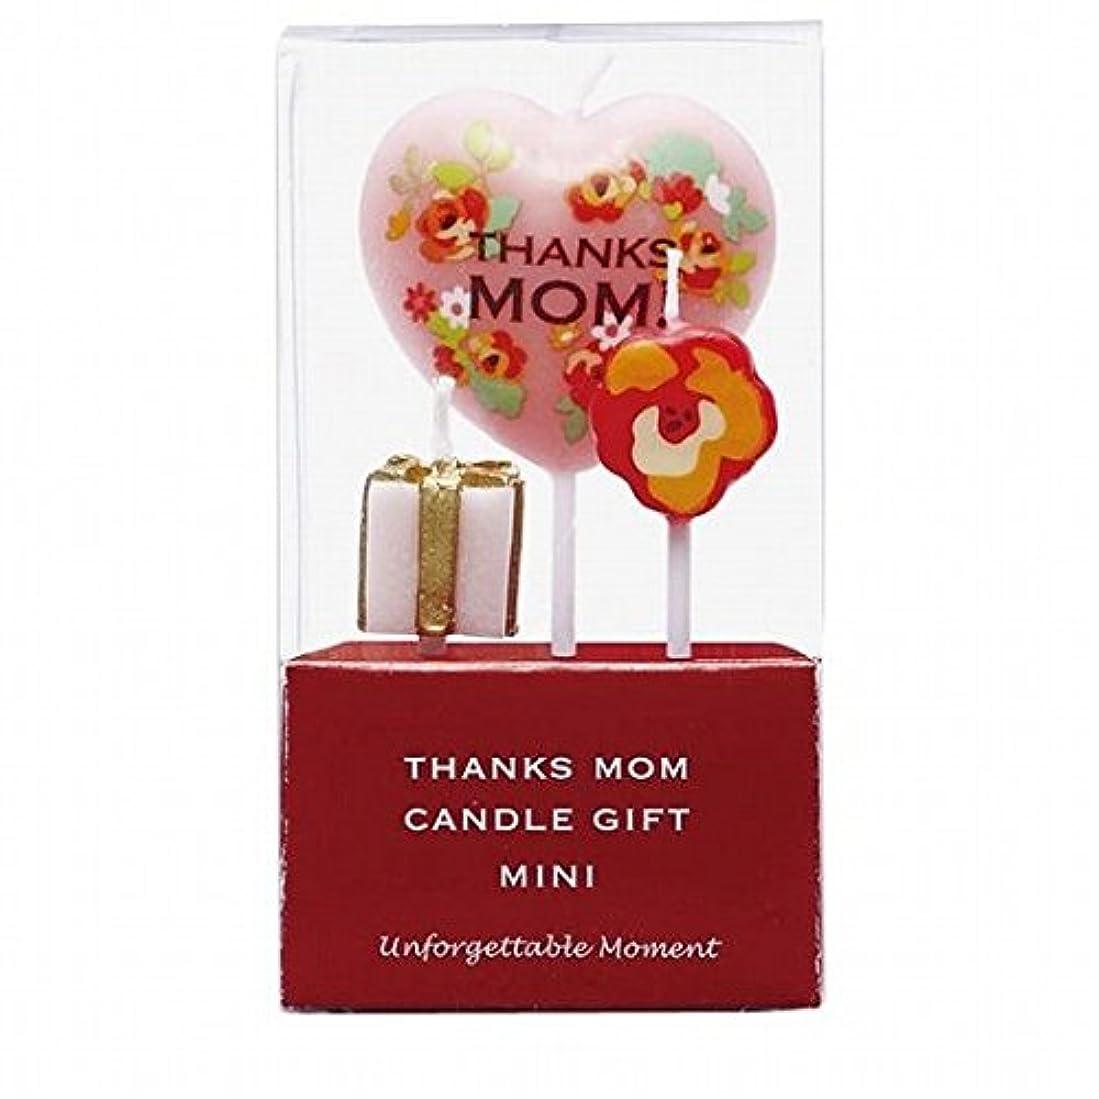 専門用語落とし穴サリーkameyama candle(カメヤマキャンドル) おかあさんありがとうキャンドルギフトミニ(55350090)